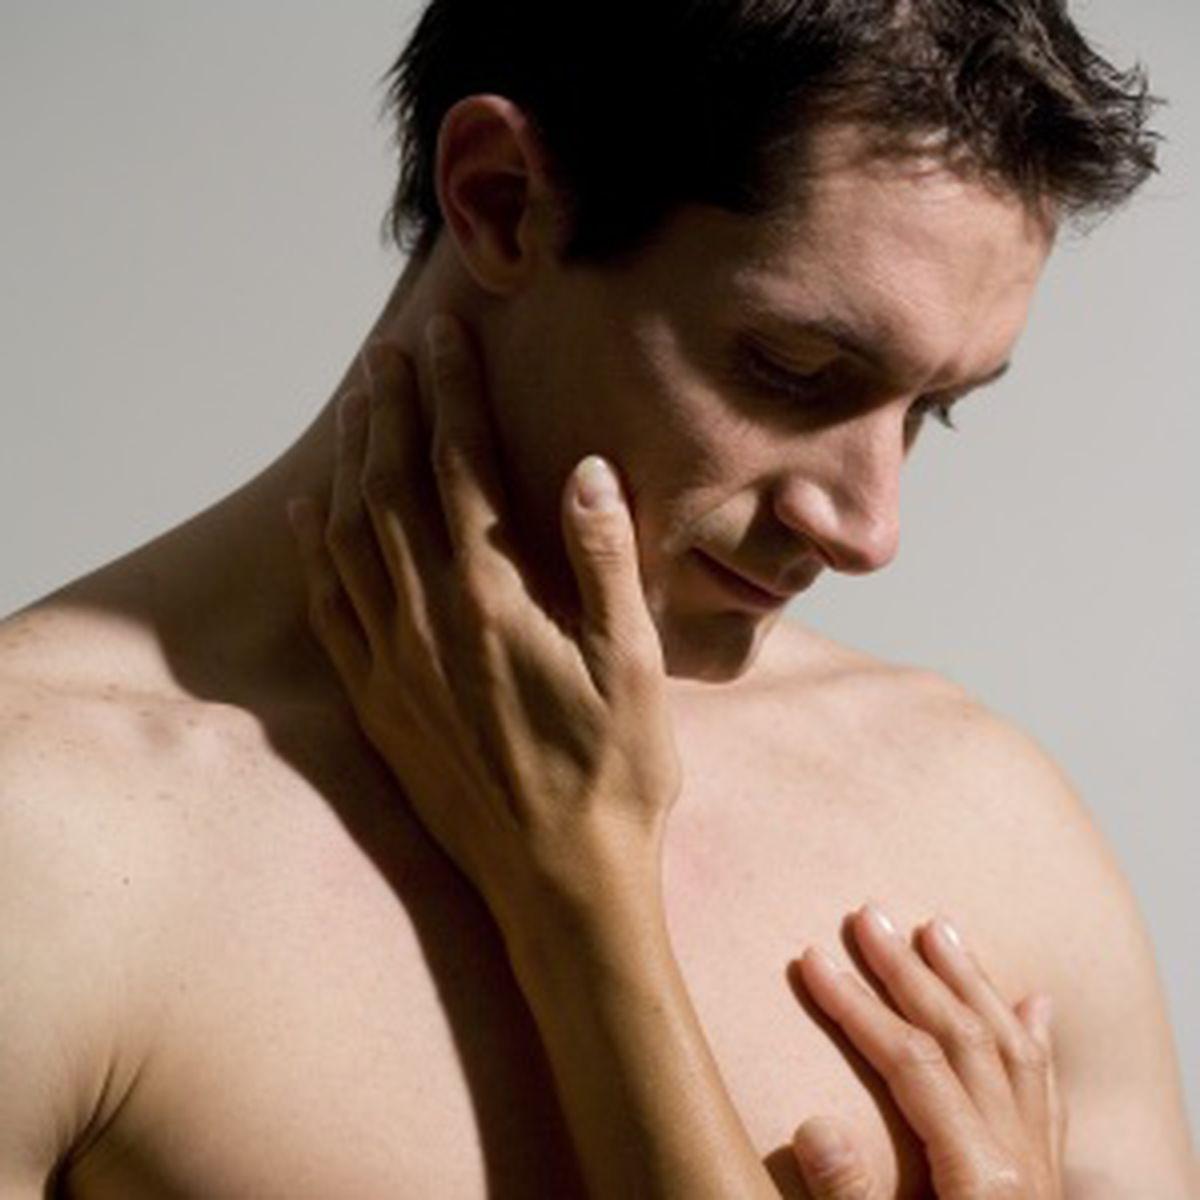 Fractură de penis: cauze, simptome, tratament - CSID: Ce se întâmplă Doctore?